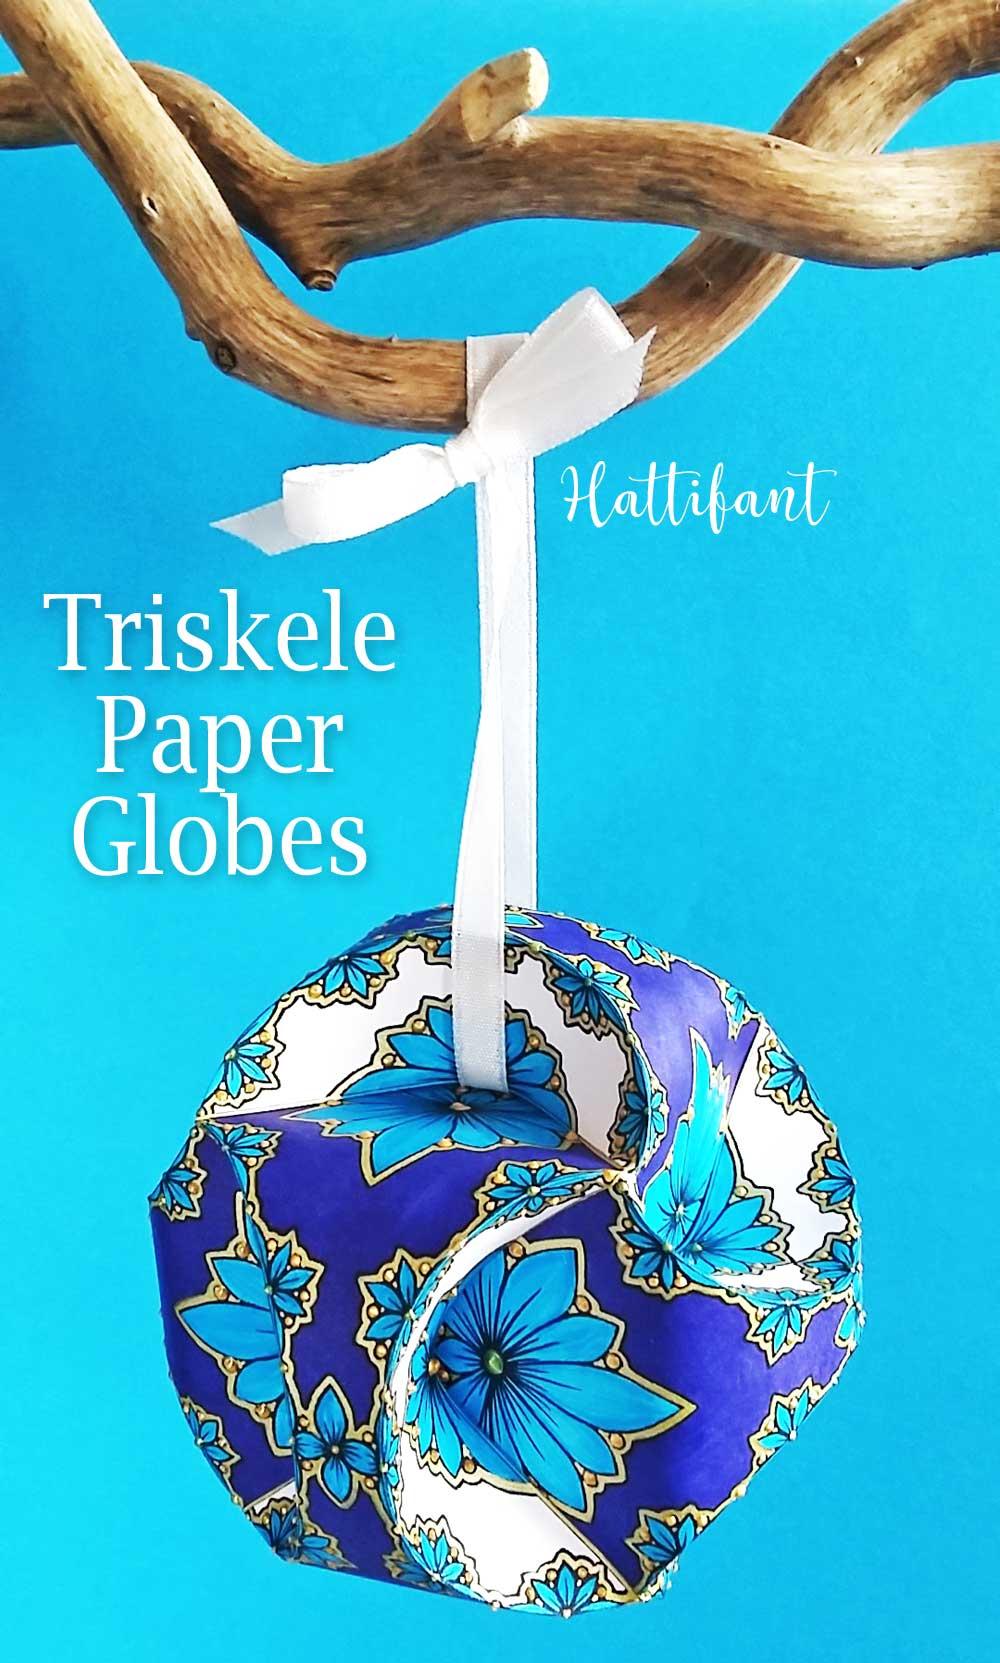 Hattifant's Triskele Paper Globes Flower Edition Colored Sample